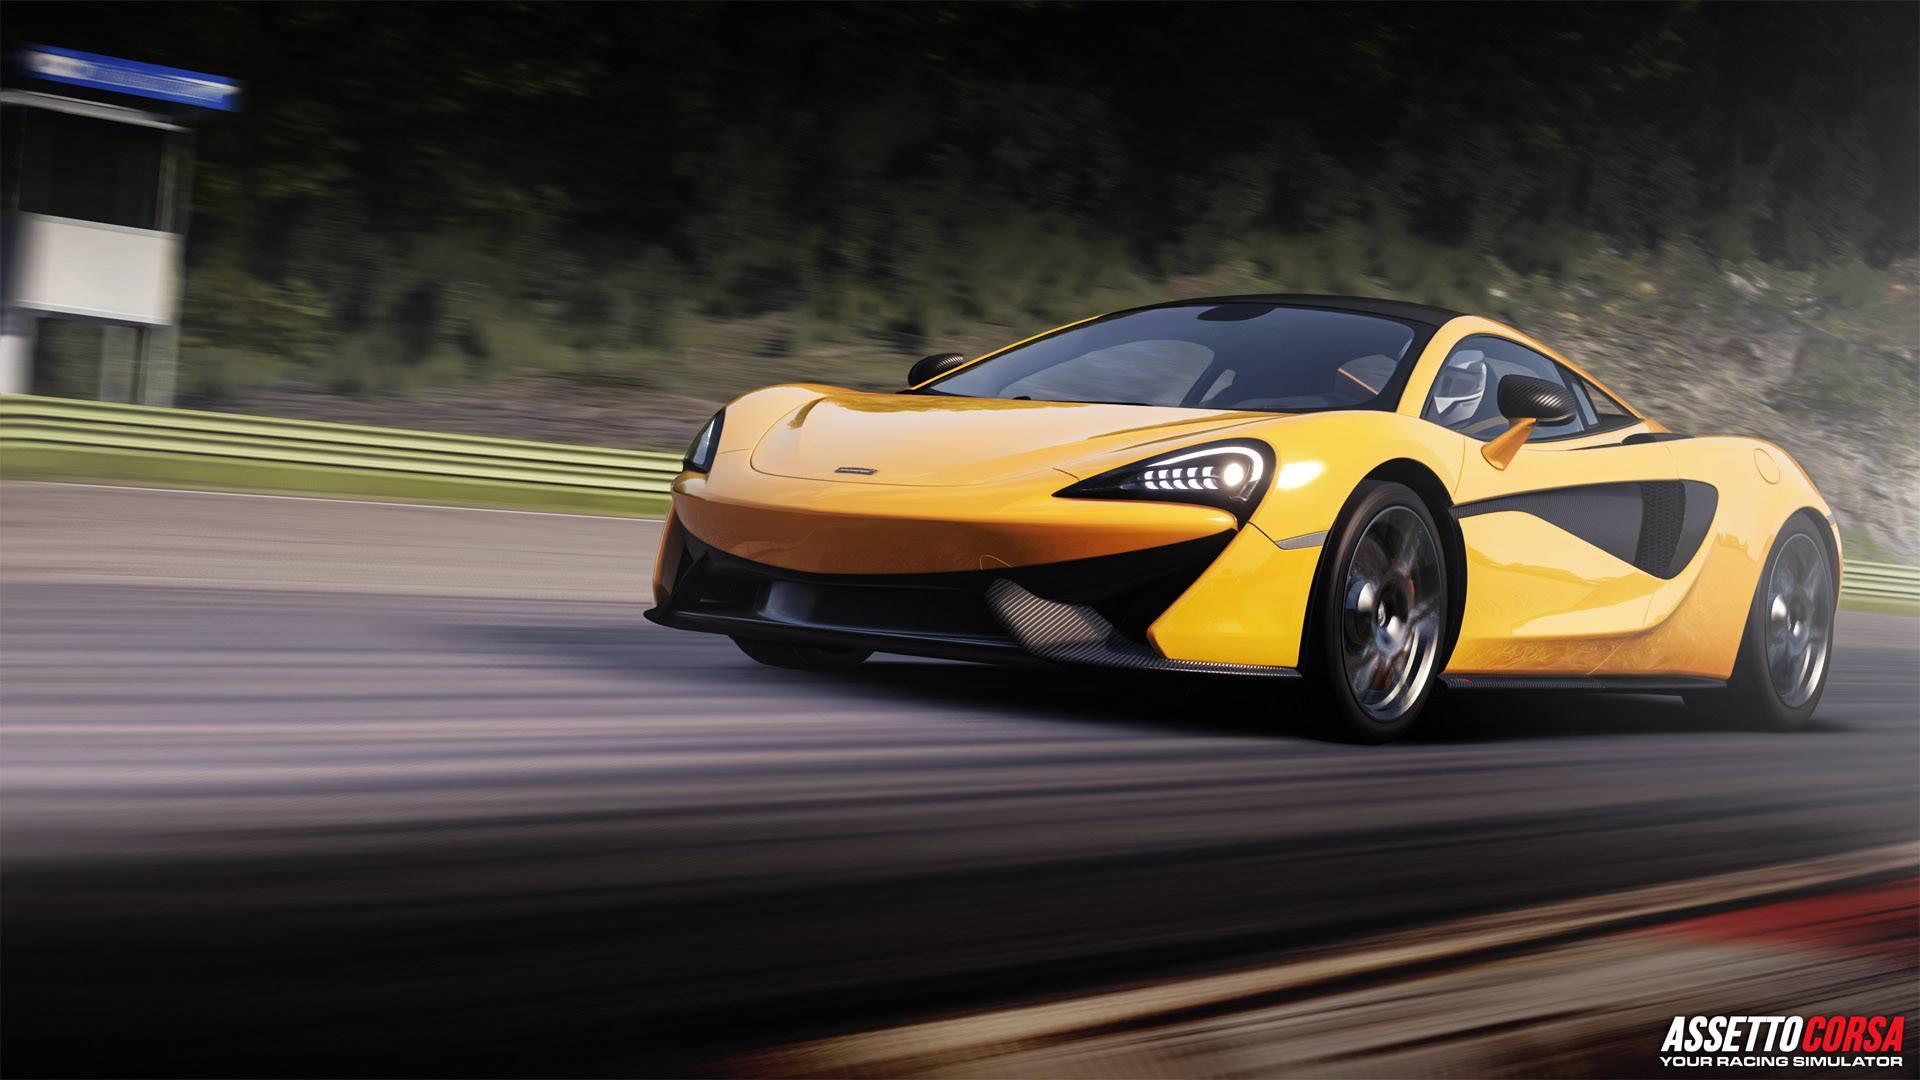 Assetto Corsa Ready To Race DLC McLaren 570S